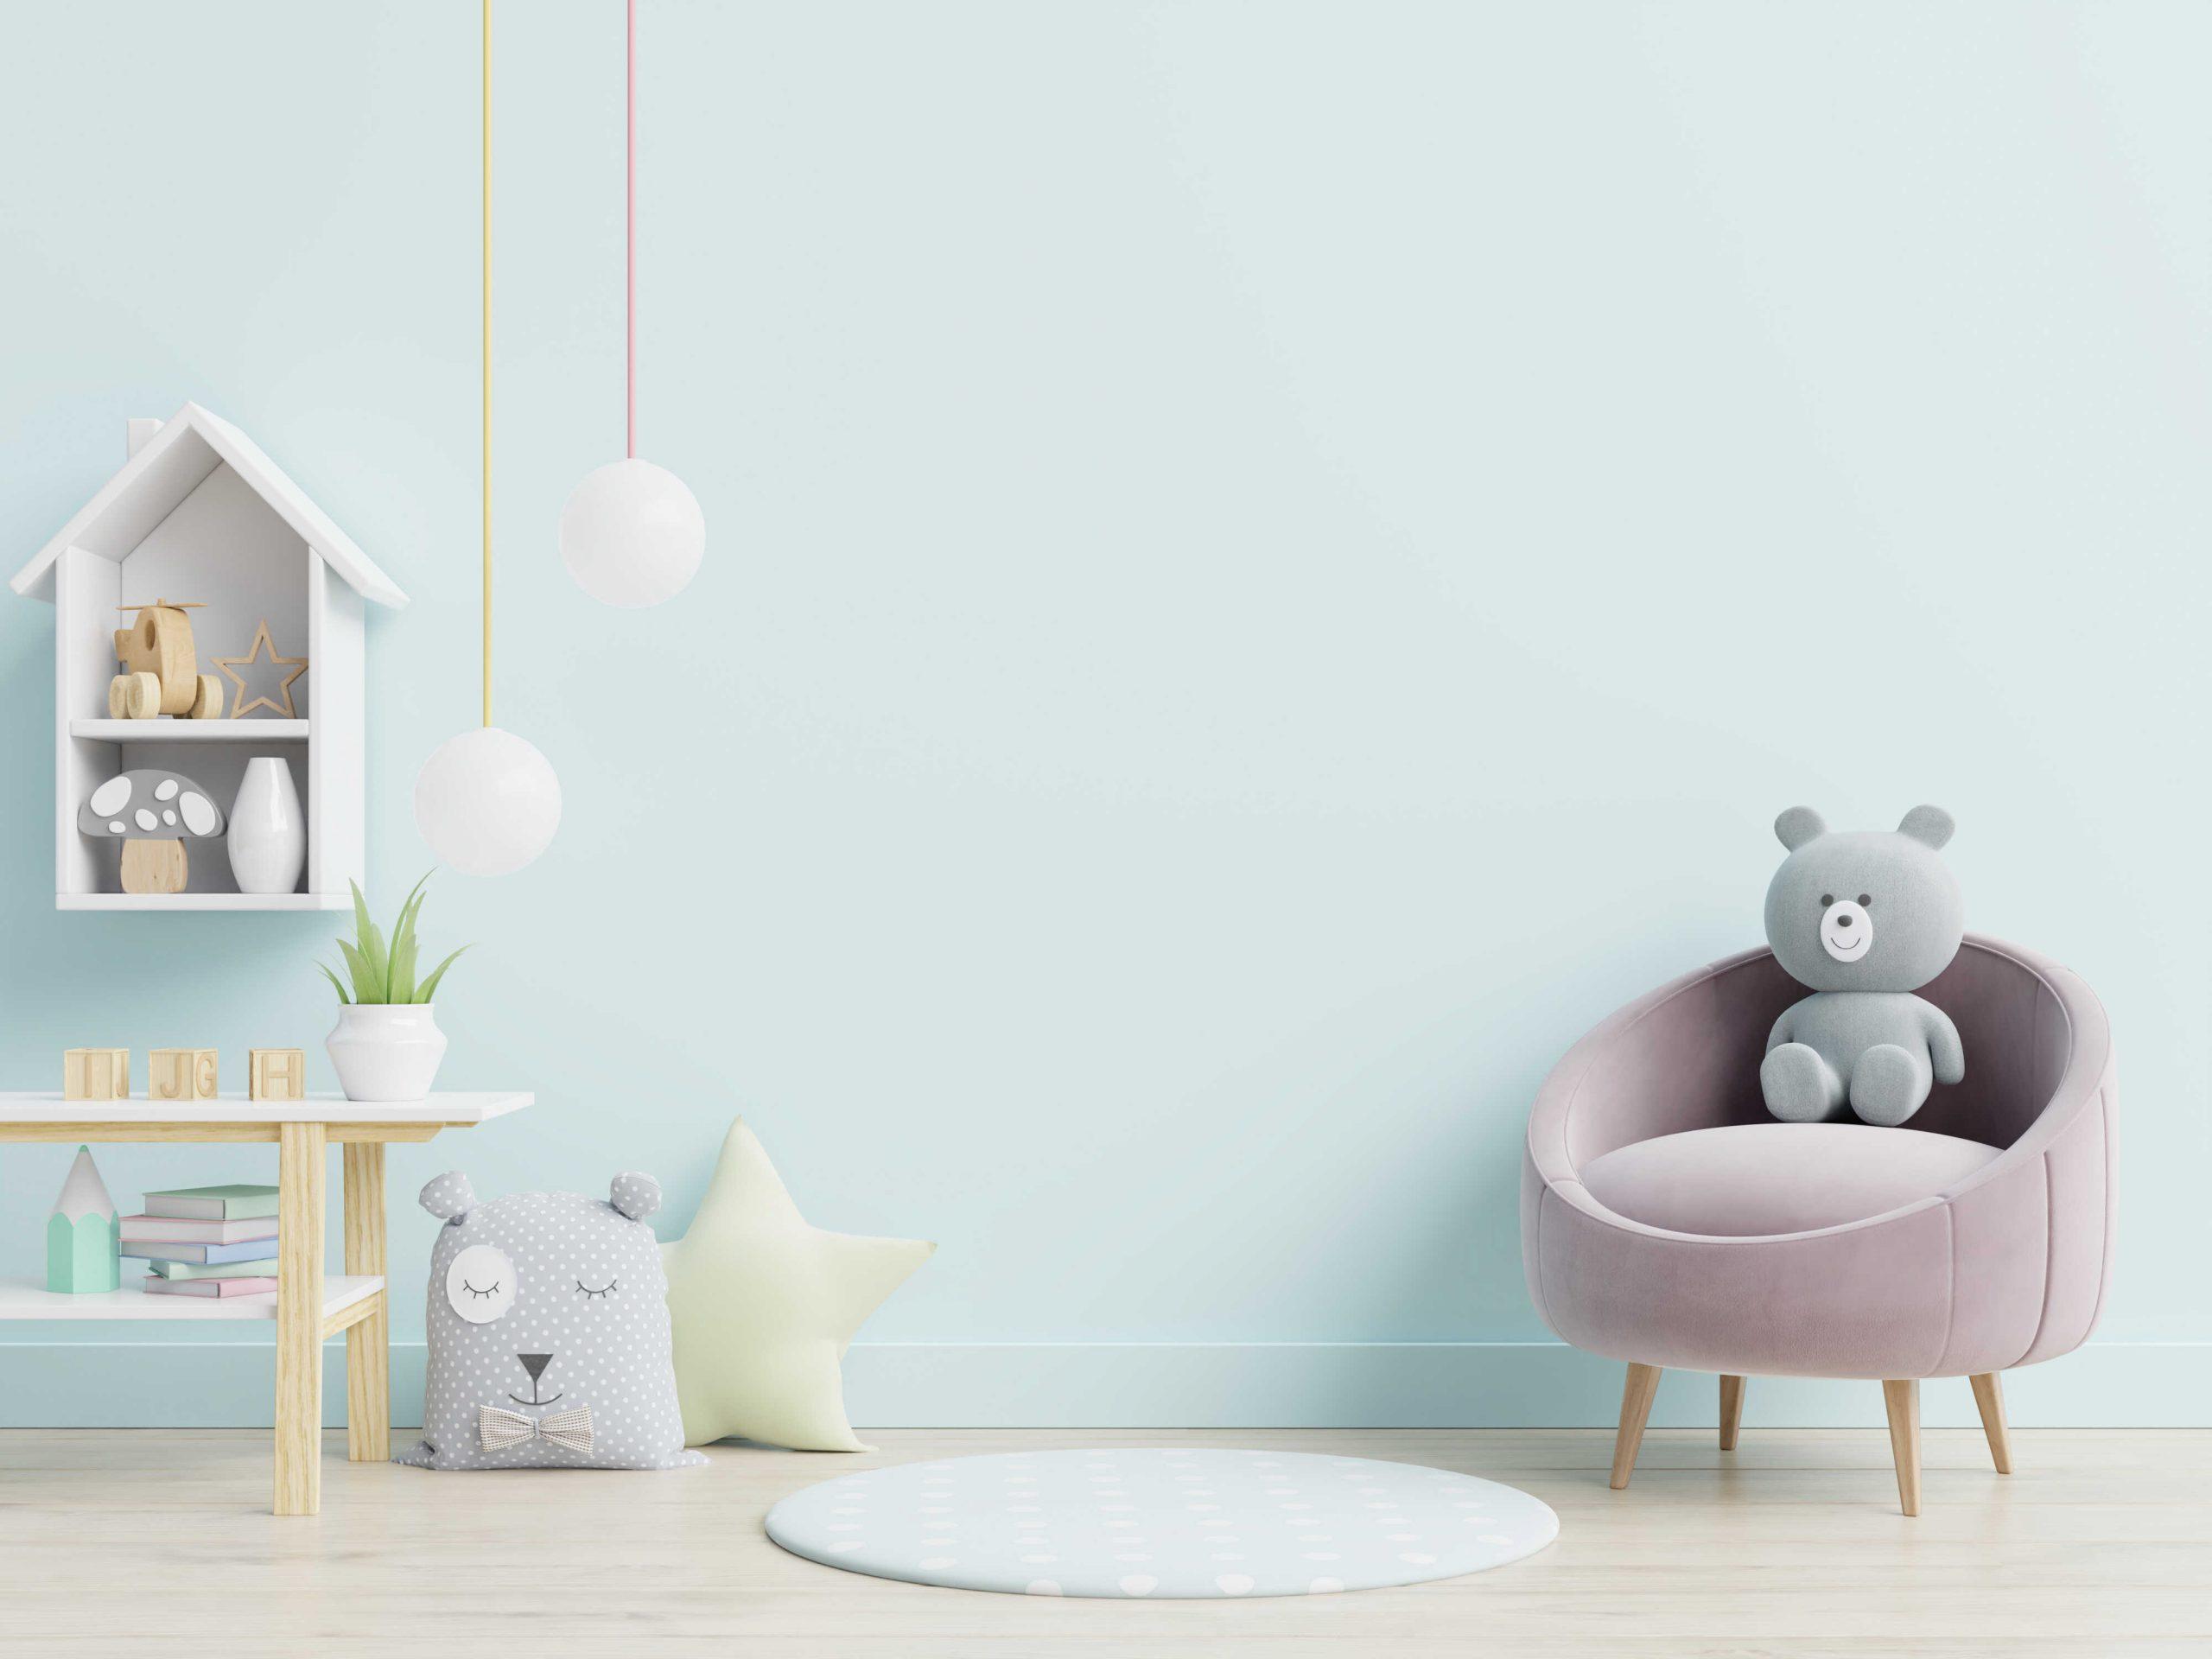 מיטת תינוק גבוהה - איך בוחרים ואיפה קונים